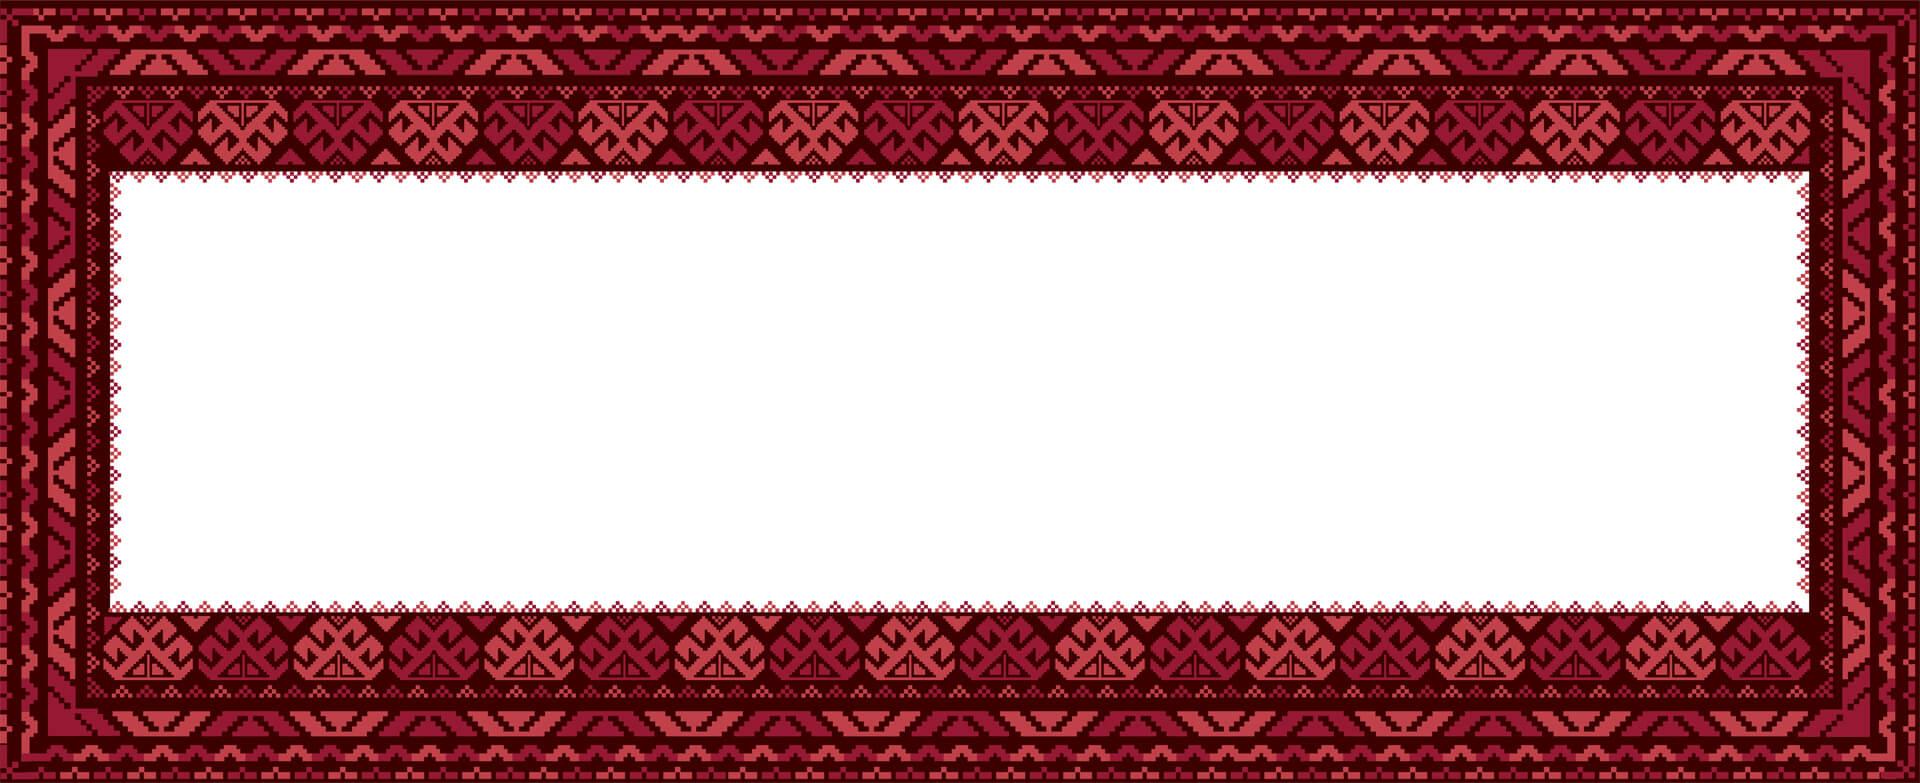 Carpets_of_kashmir_RUG_KNOT_banner